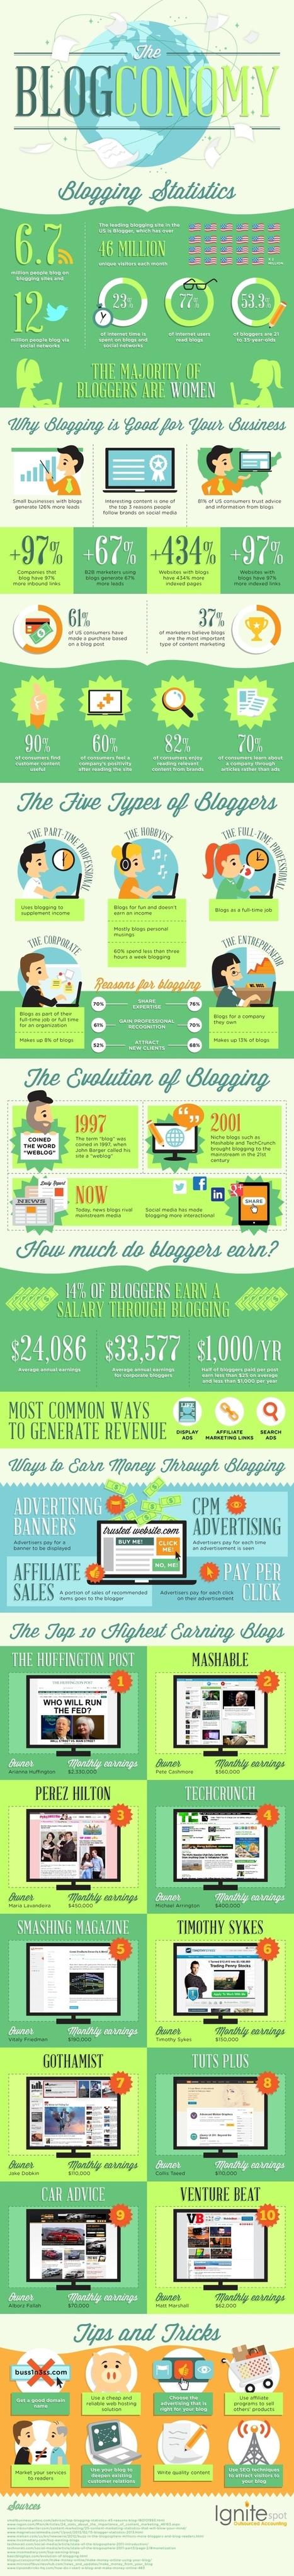 Todo lo que necesitas saber sobre el blogging – Infografía | #Biblioteca, educación y nuevas tecnologías | Scoop.it